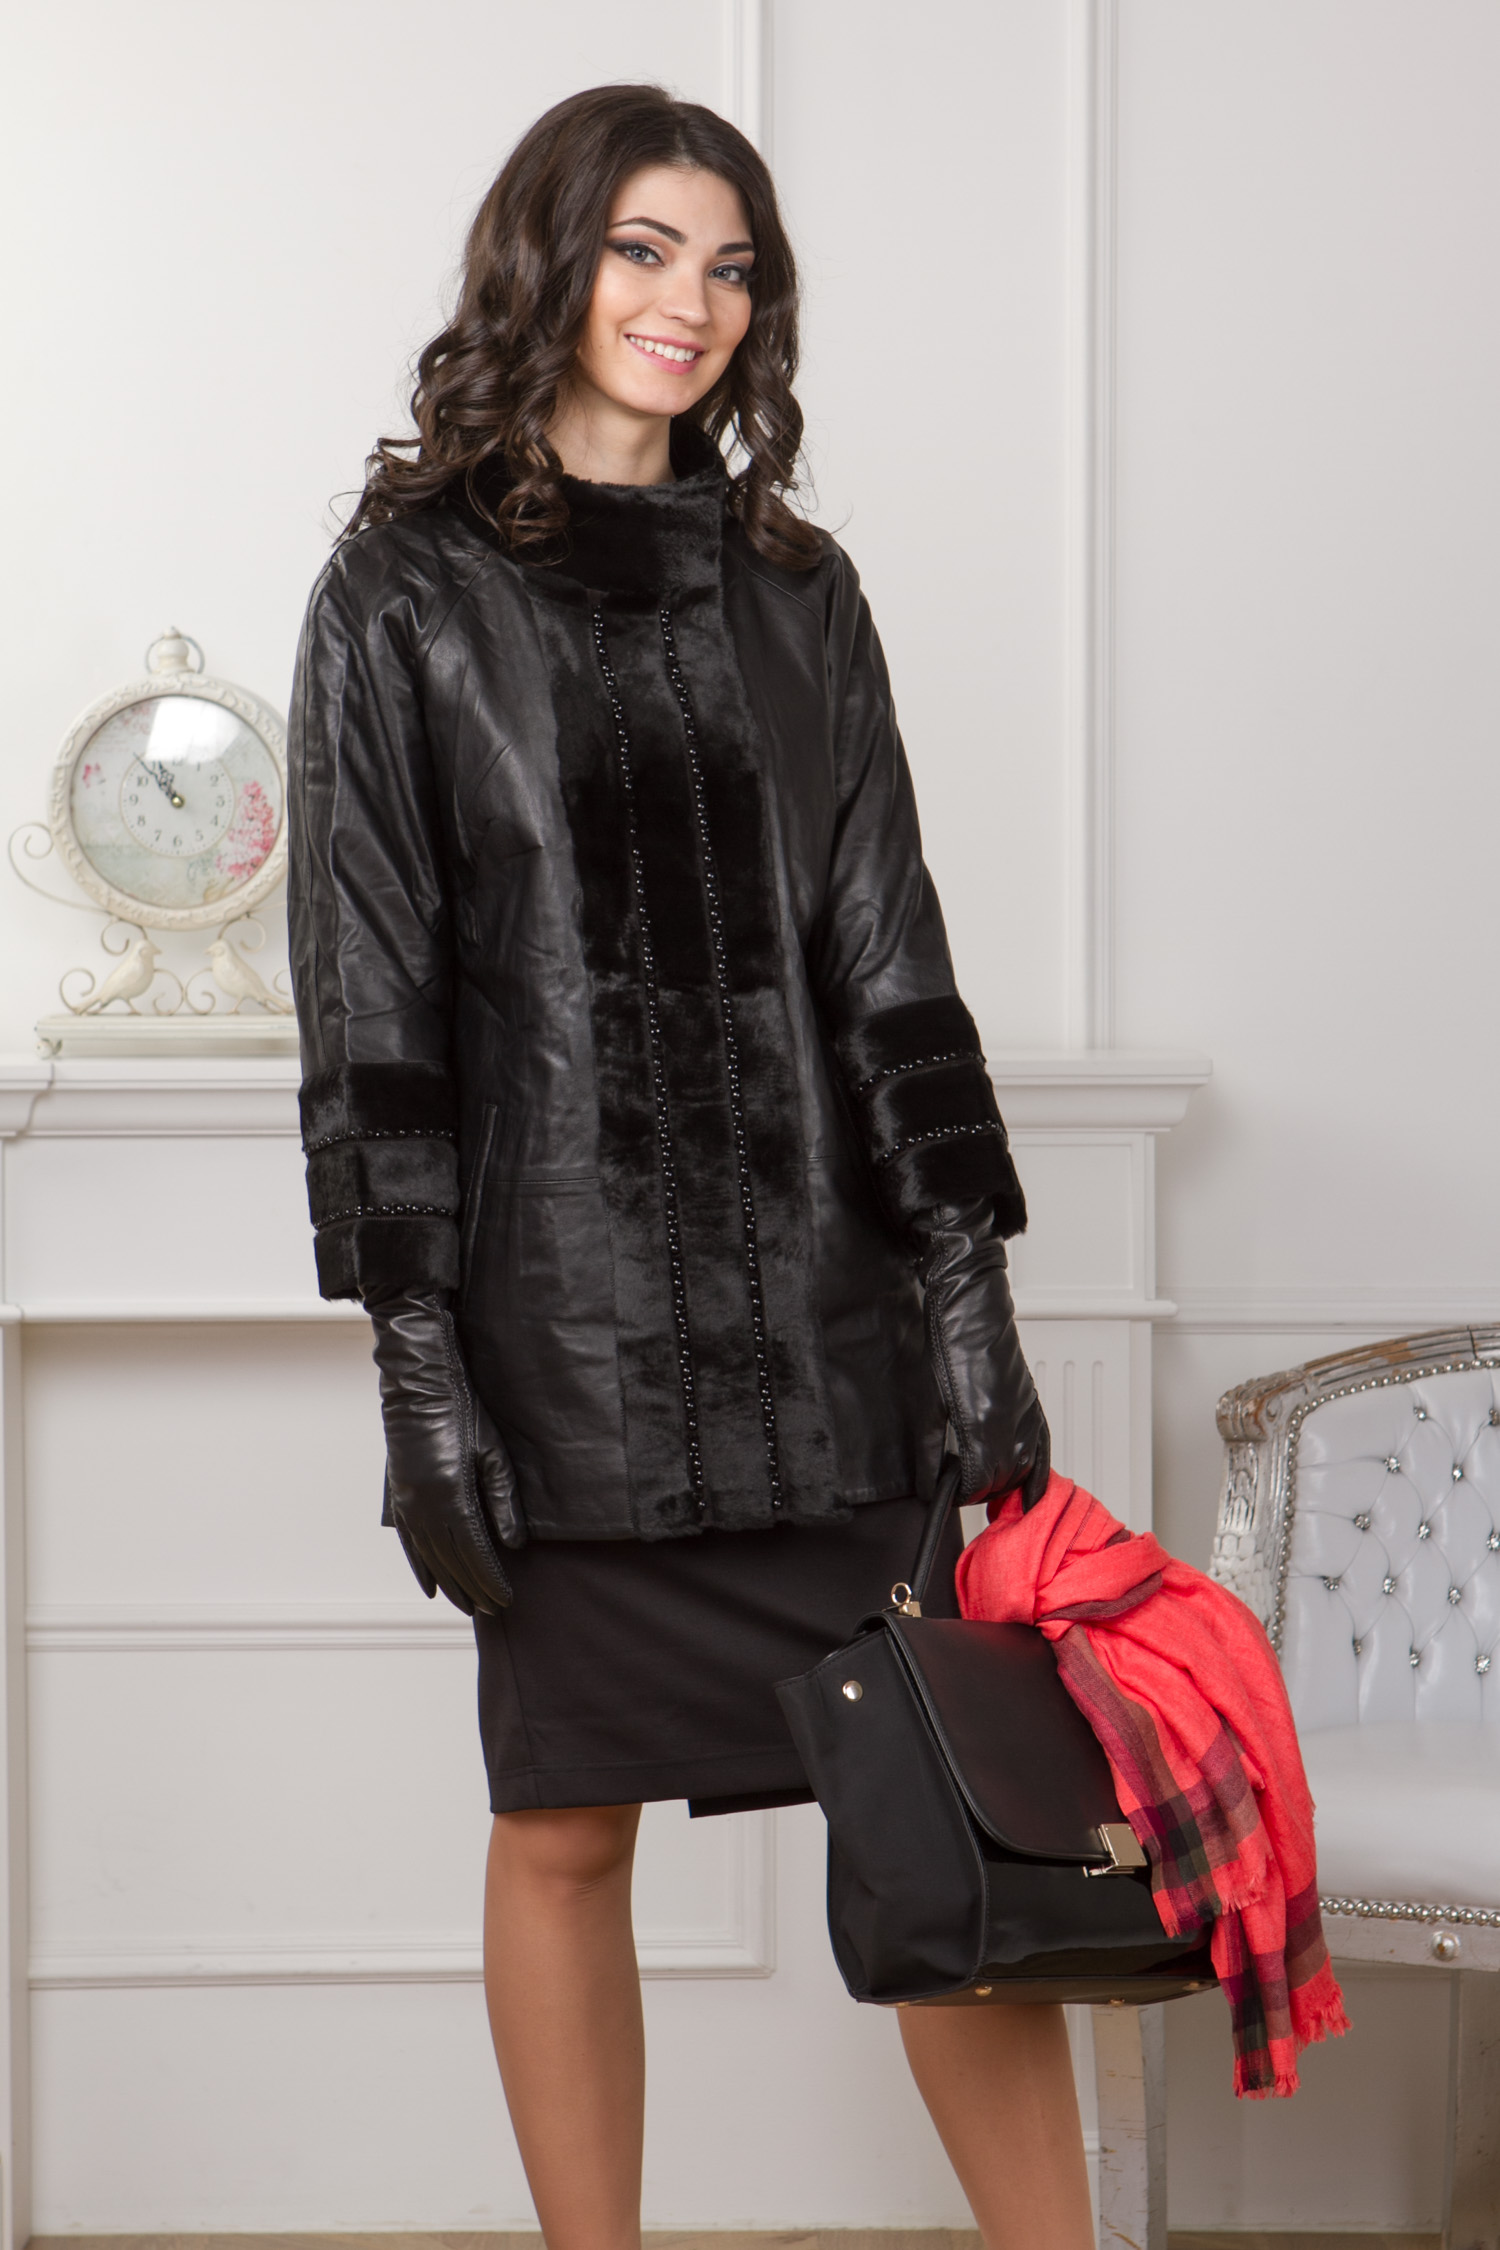 Женское кожаное пальто из натуральной кожи с воротником, отделка кролик Женское кожаное пальто из натуральной кожи с воротником, отделка кролик